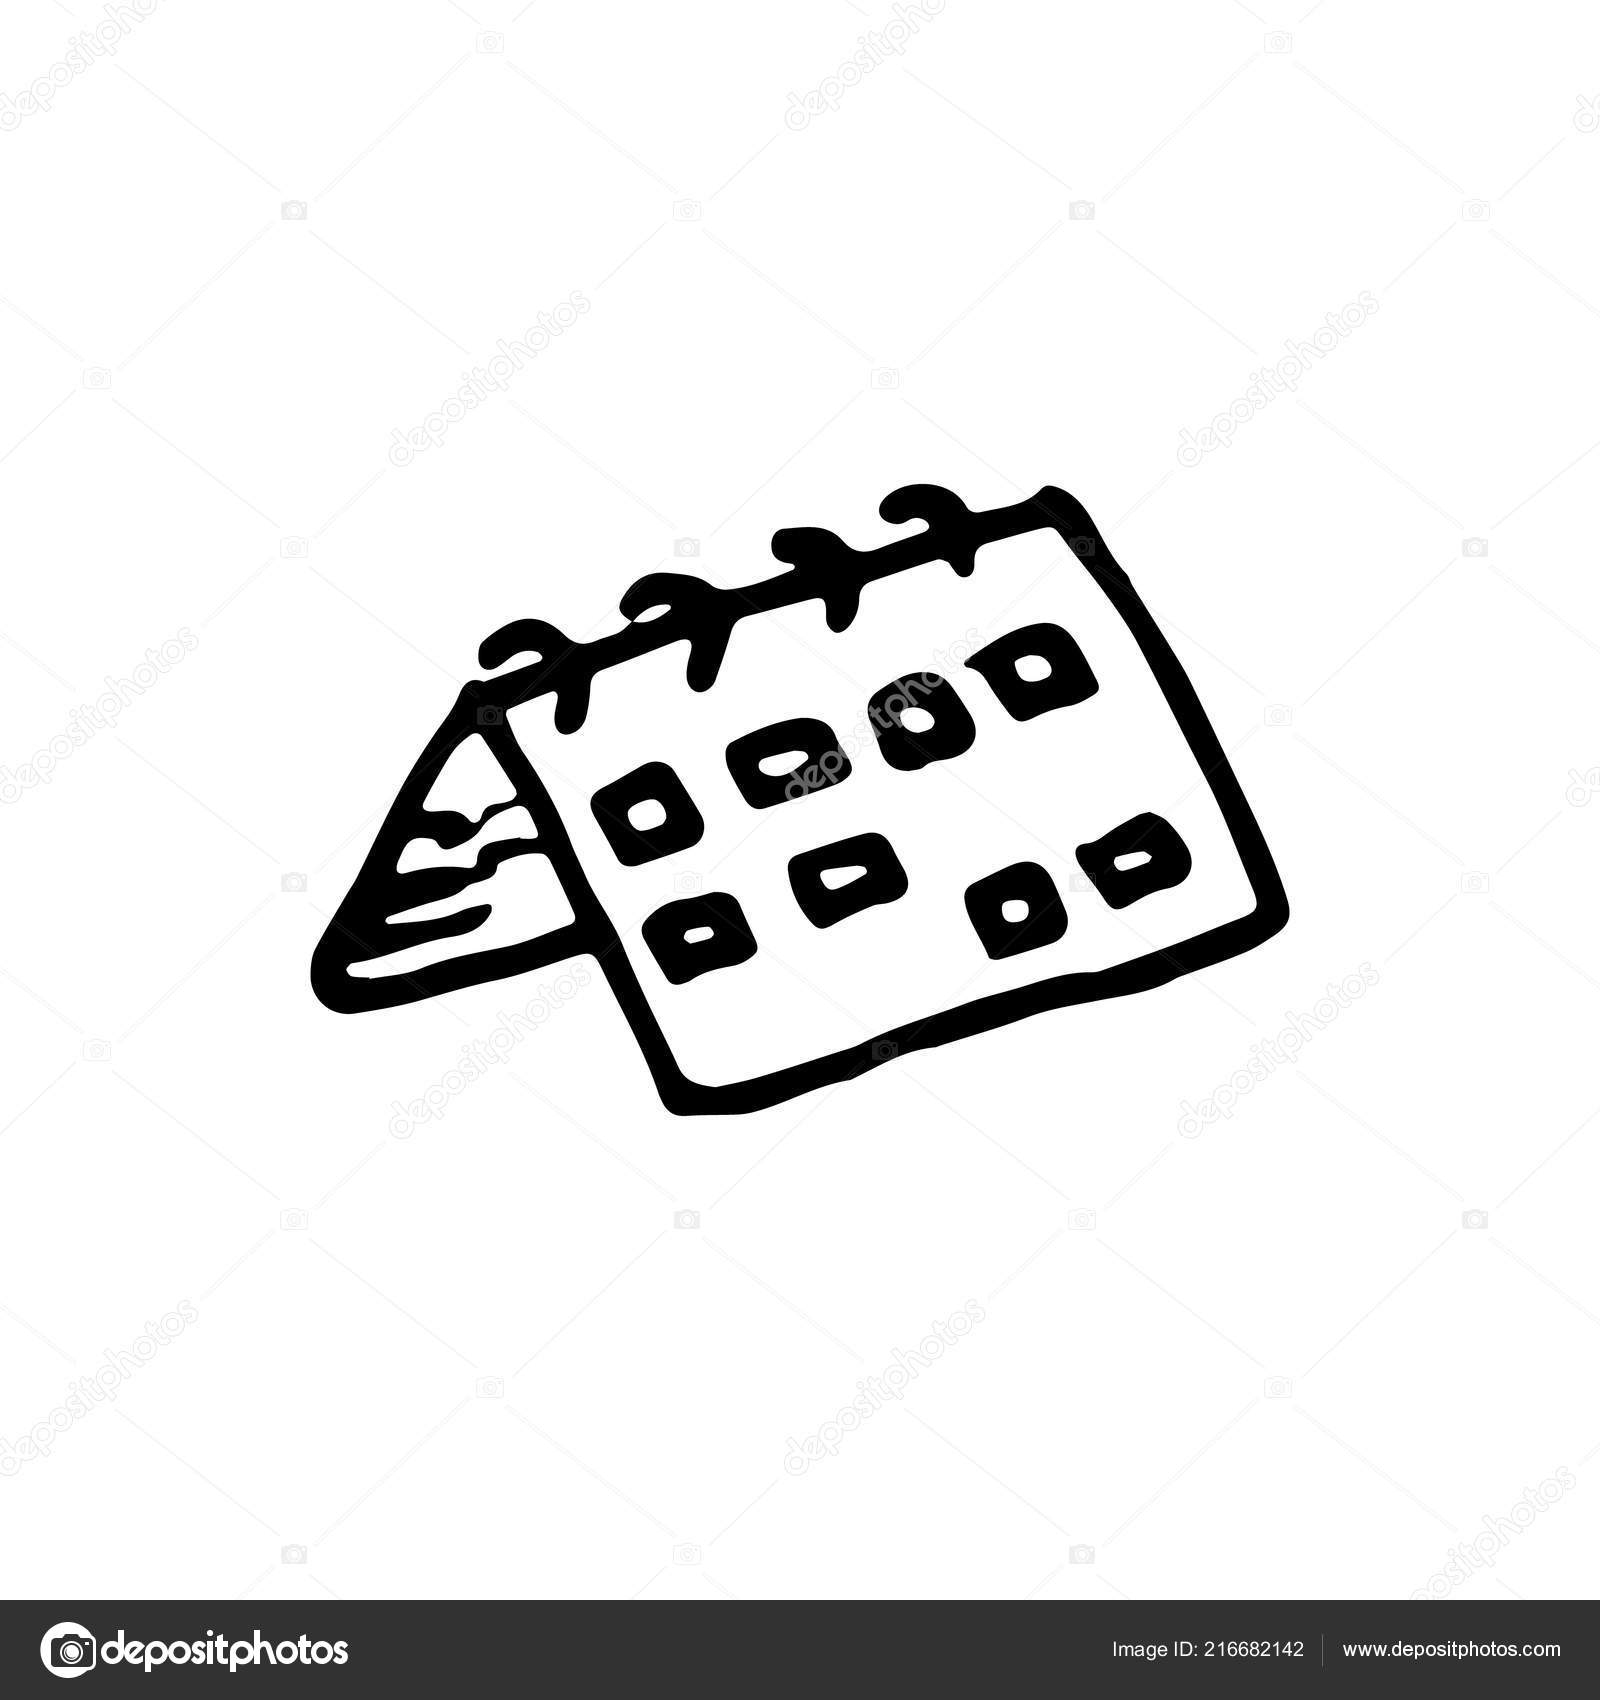 Calendario Dibujo Blanco Y Negro.Handdrawn Doodle Icono Calendario Dibujo Calendario Negro